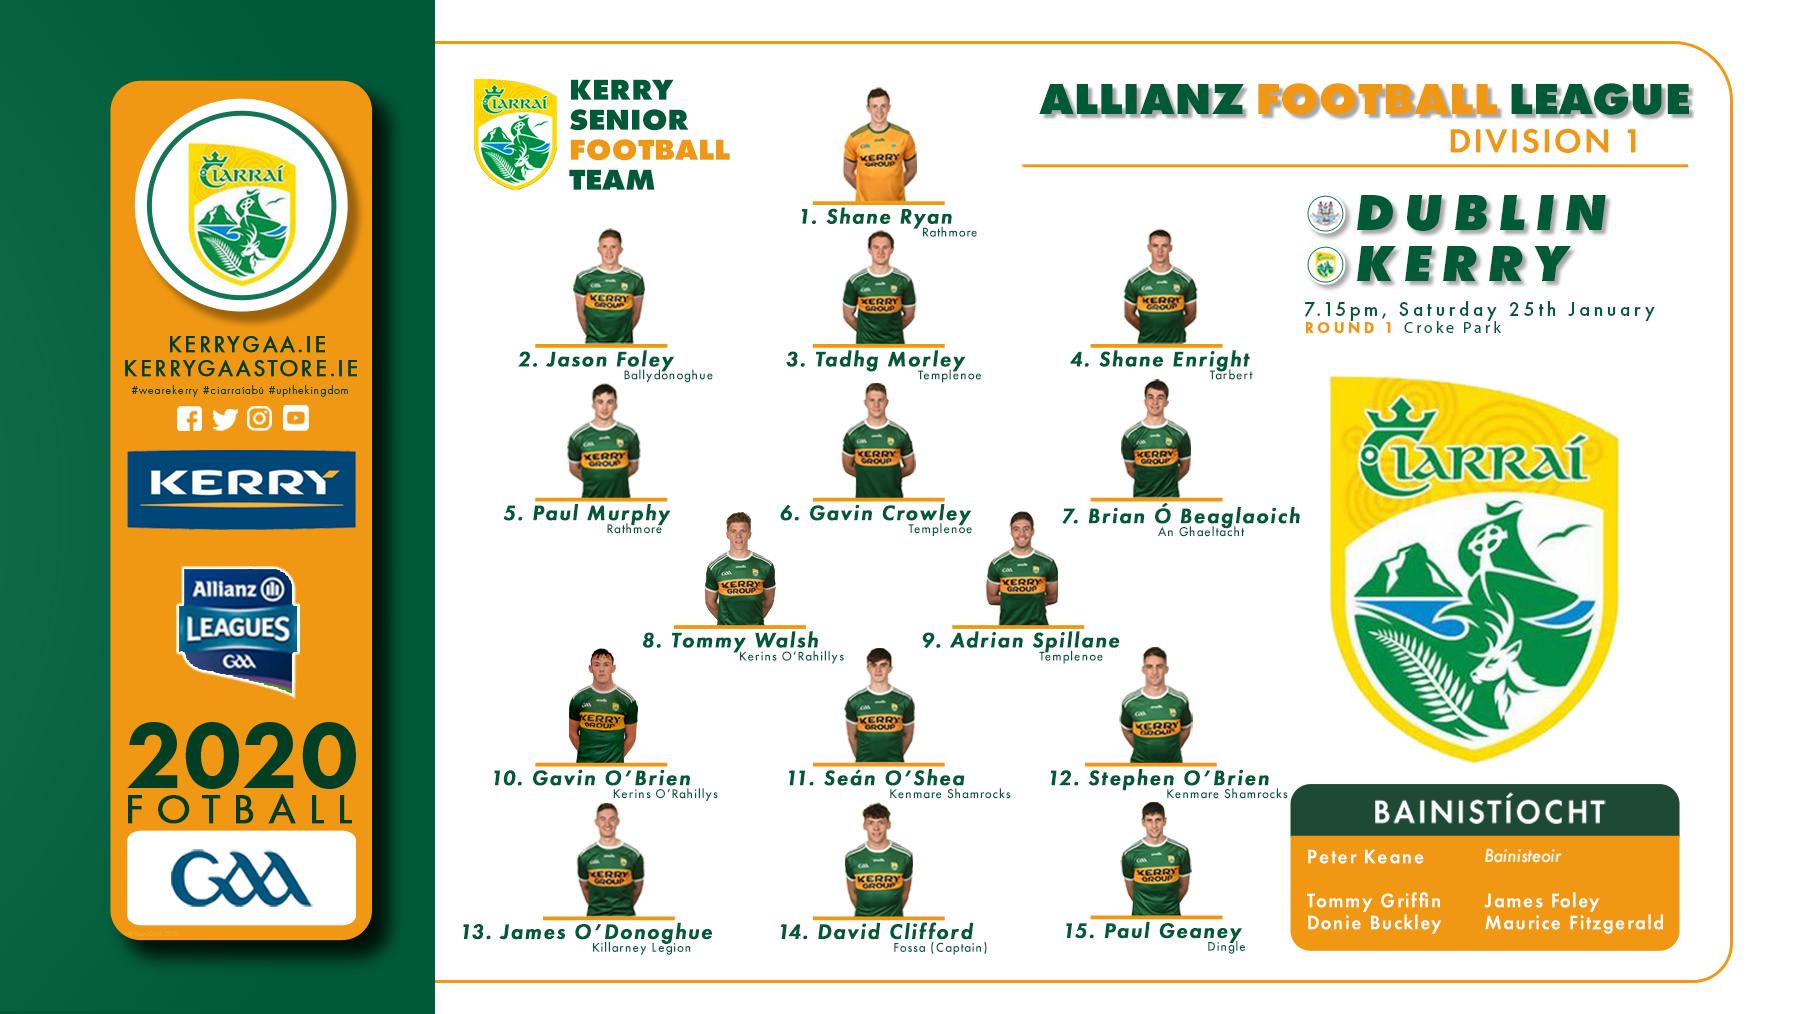 Kerry GAA Official Website